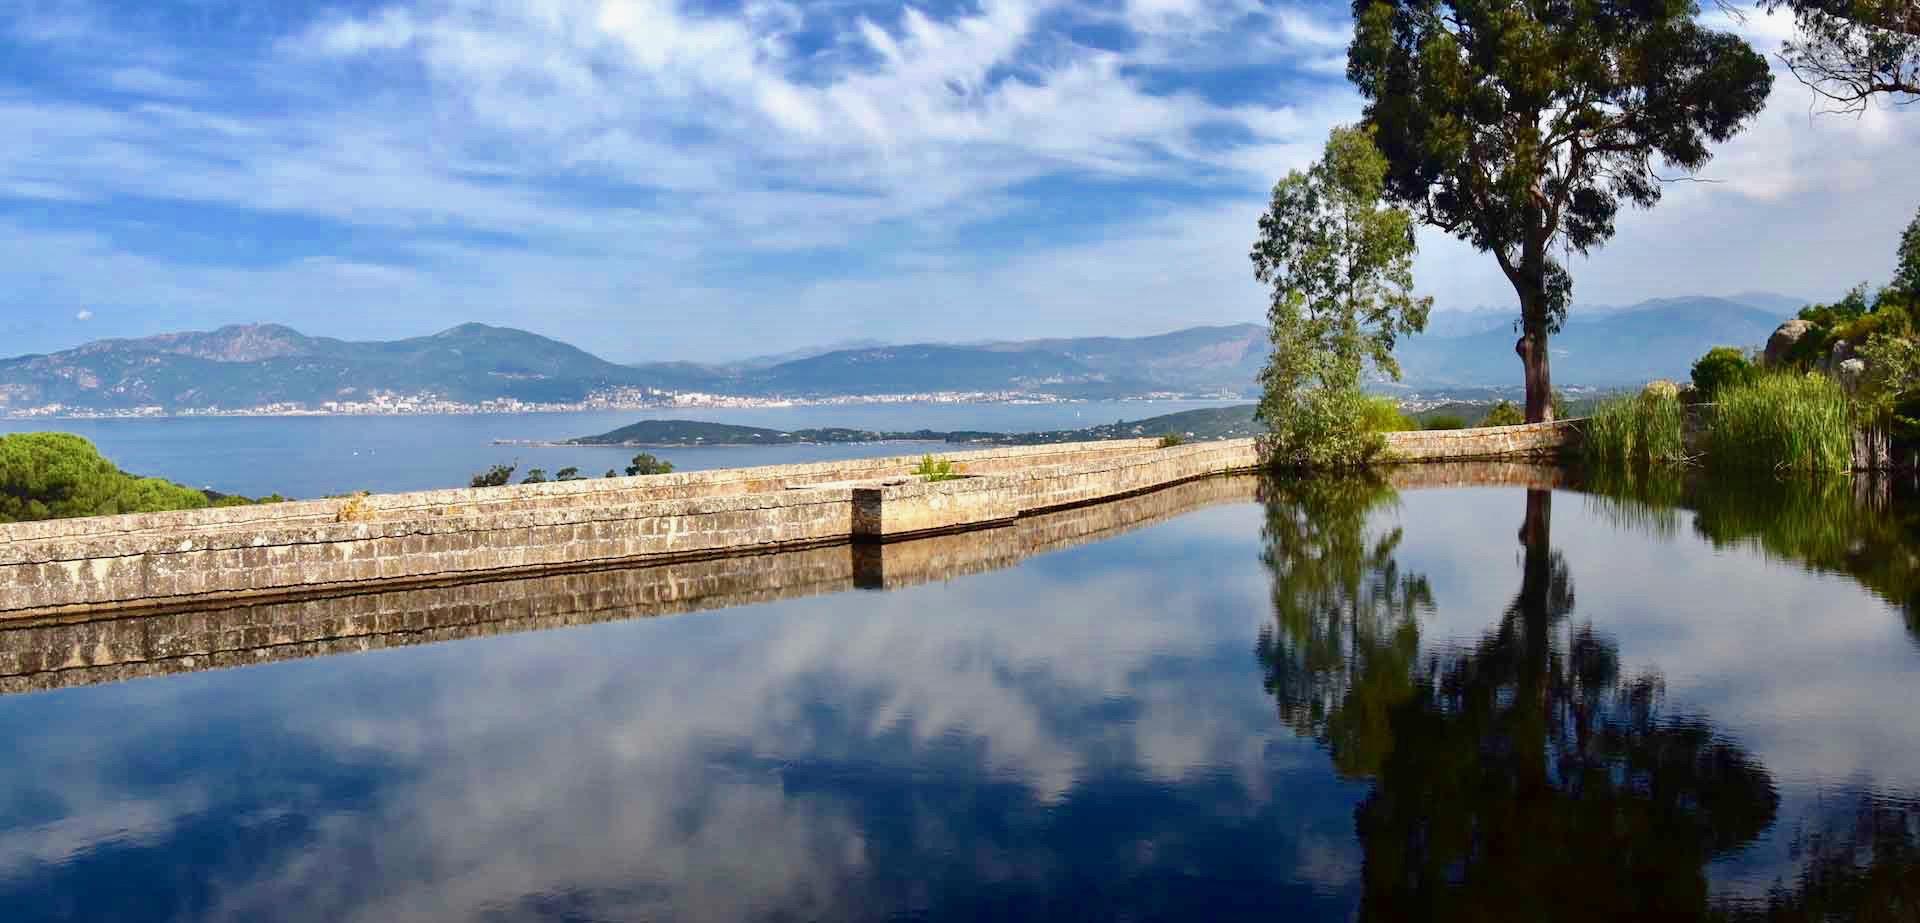 barrage pénitencier de Coti-Chiavari